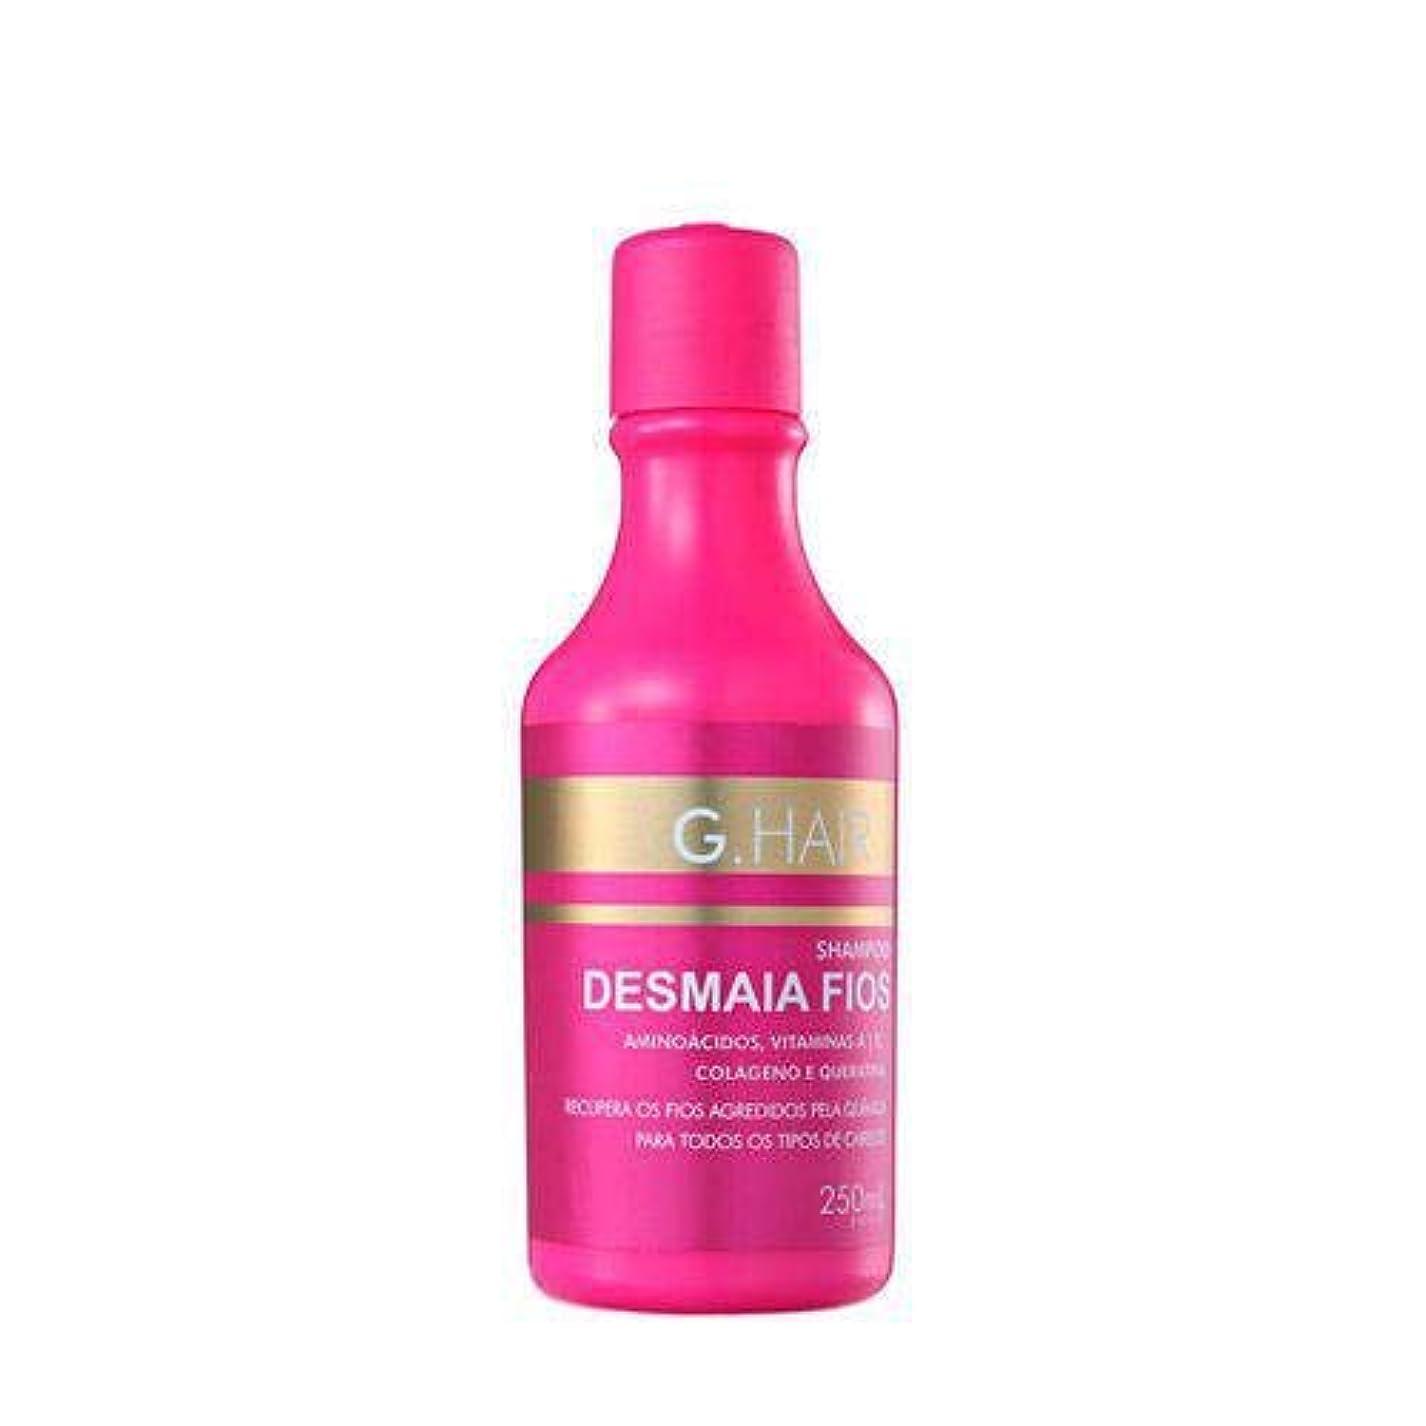 検証フィヨルドフィードBrazilian Desmaia Fios - 塩なしシャンプー250ml